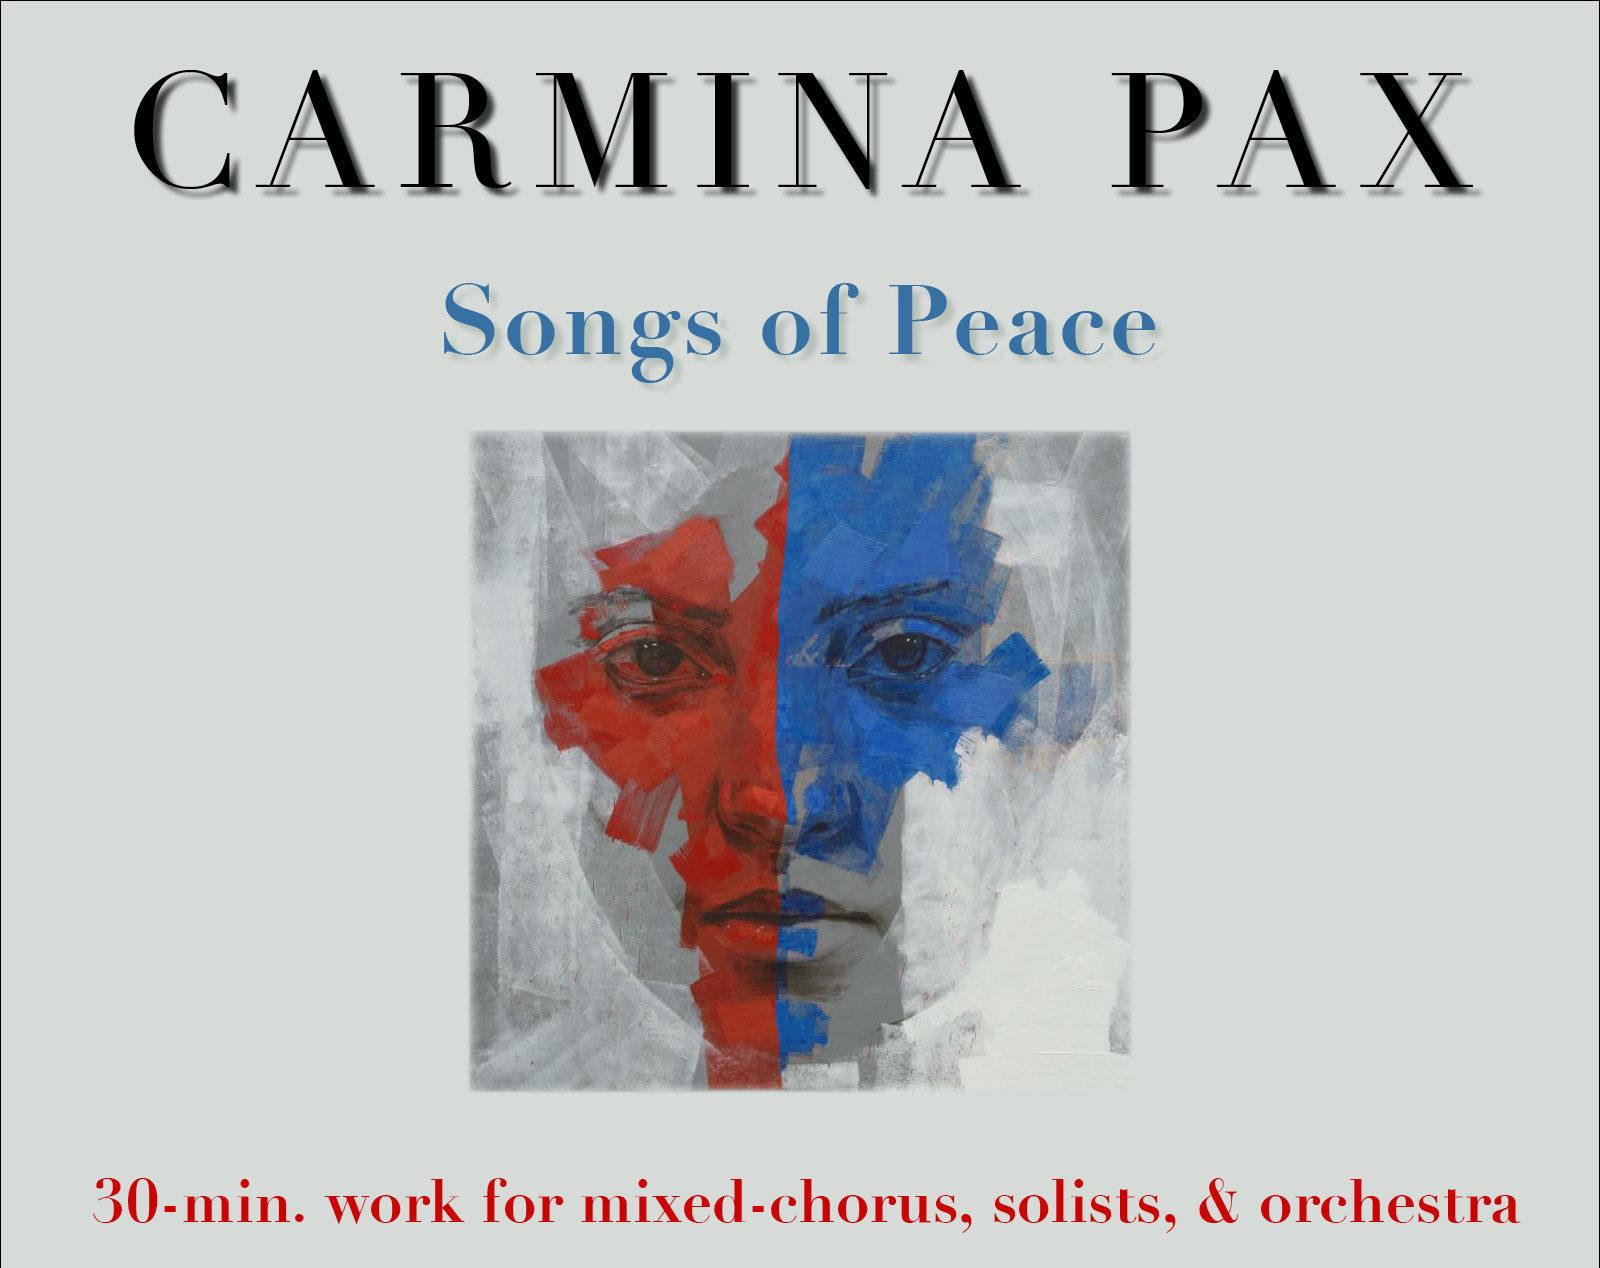 Carmina Pax